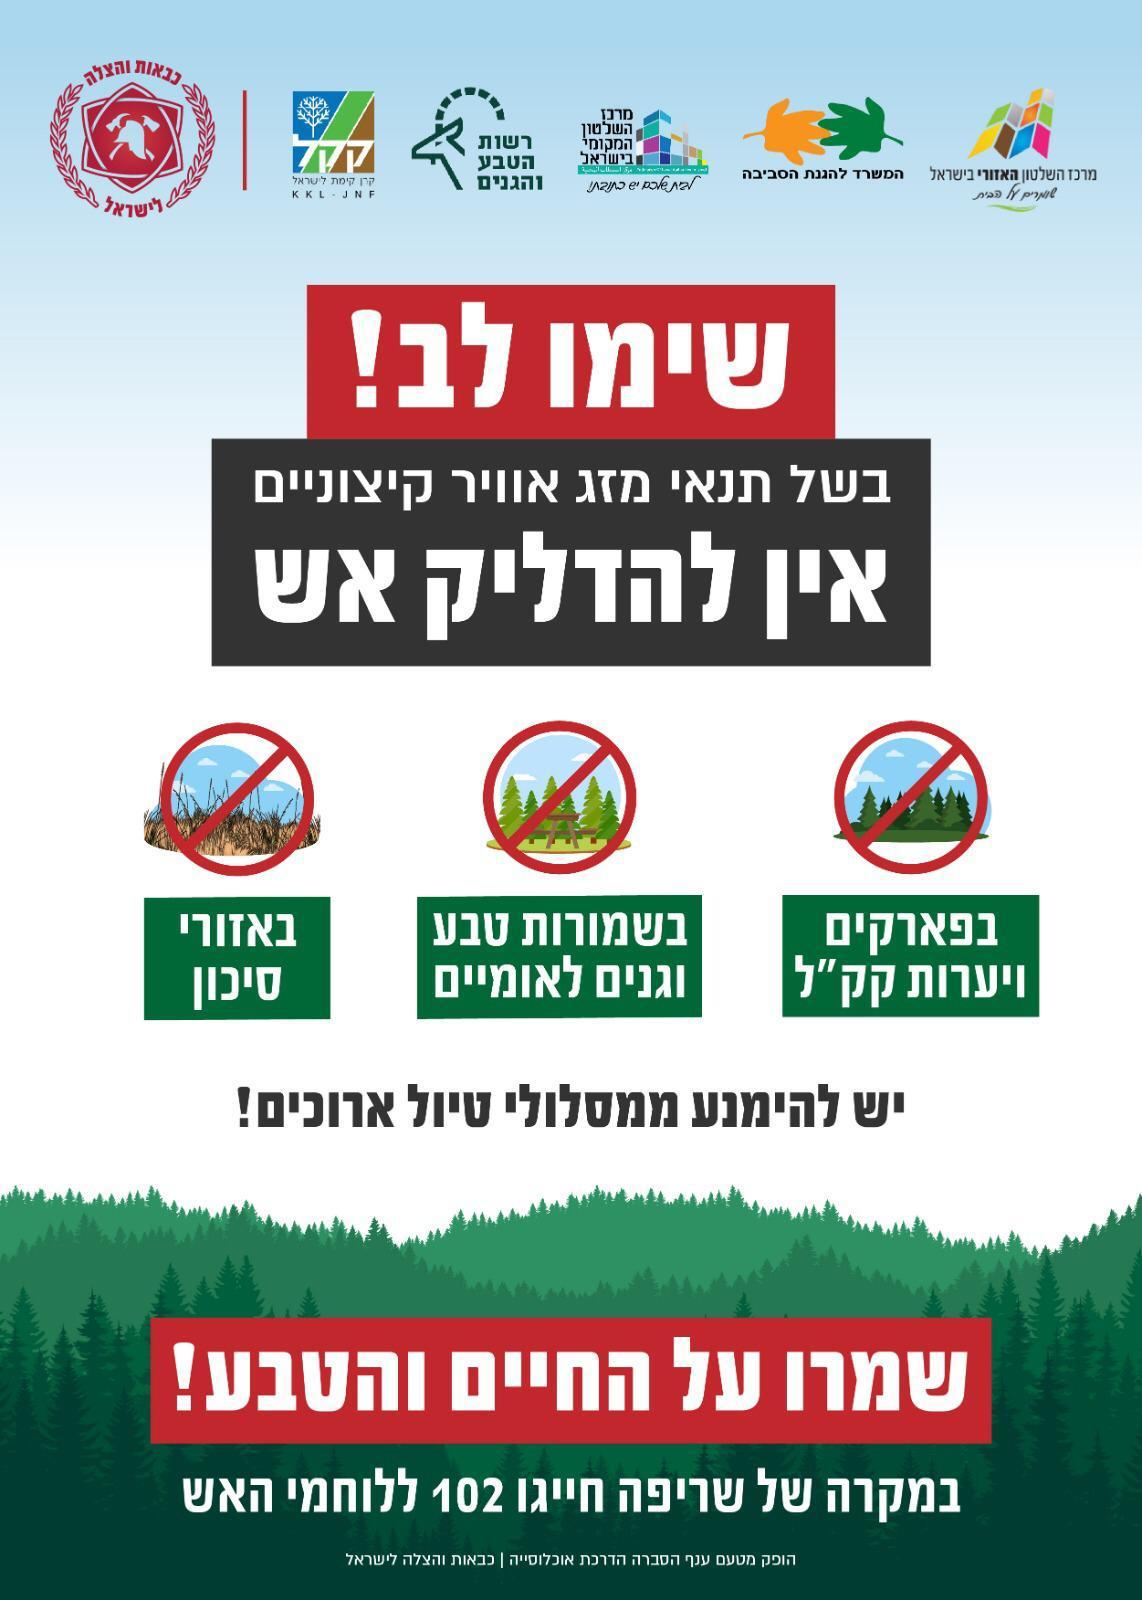 כבאות והצלה: סכנת שריפות בשל מזג האויר השרבי הצפוי מחר